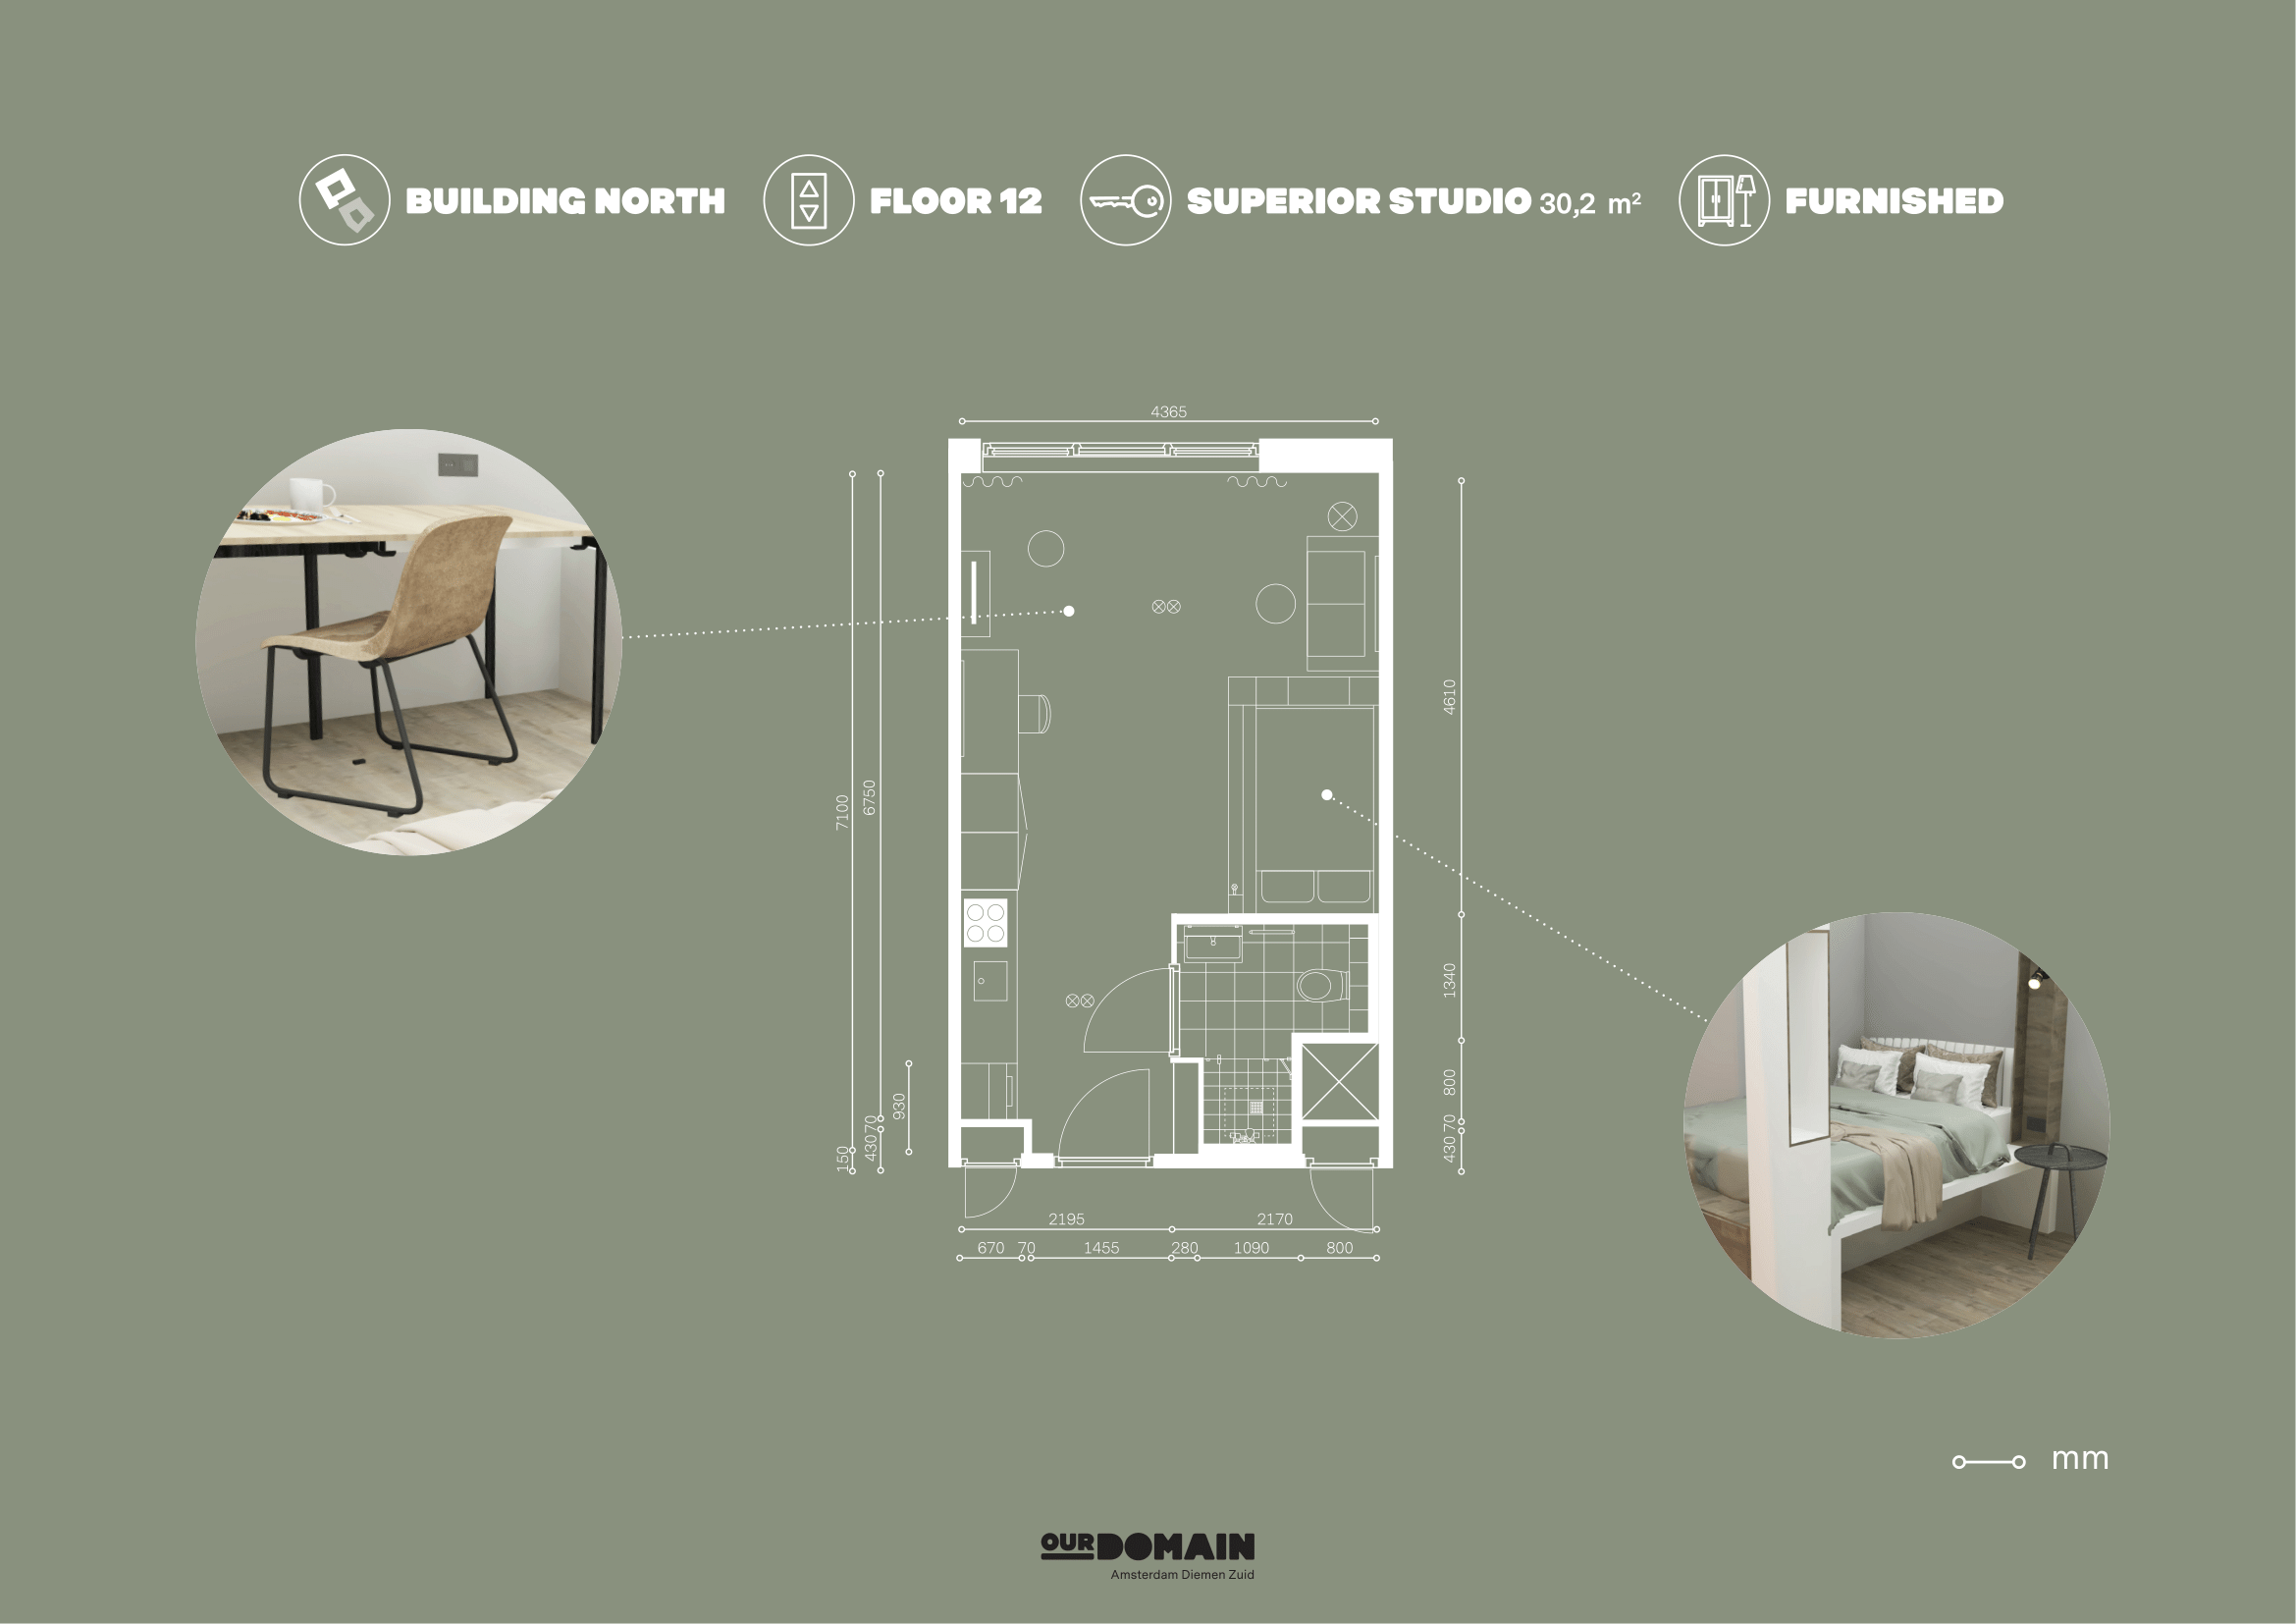 OurDomain Amsterdam Diemen Floorplan